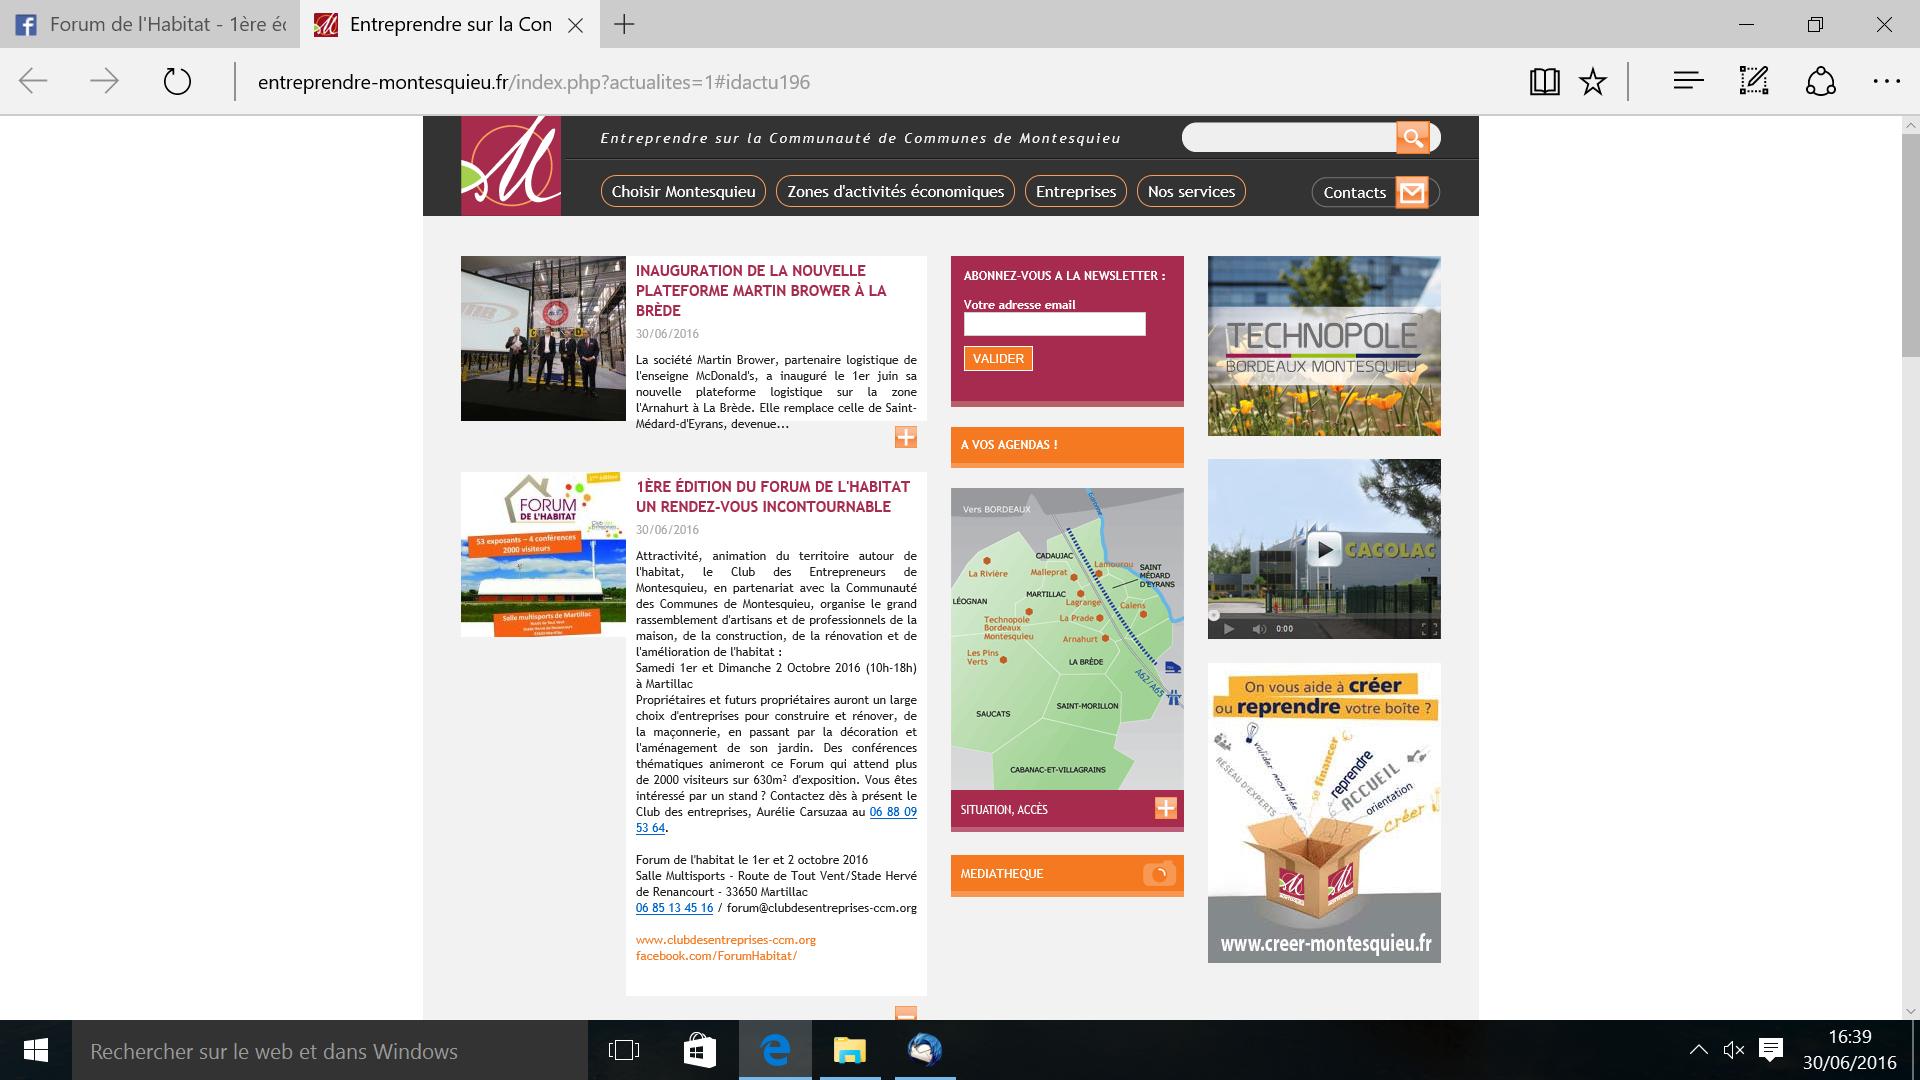 Site internet CCM PUB FORUM HABITAT